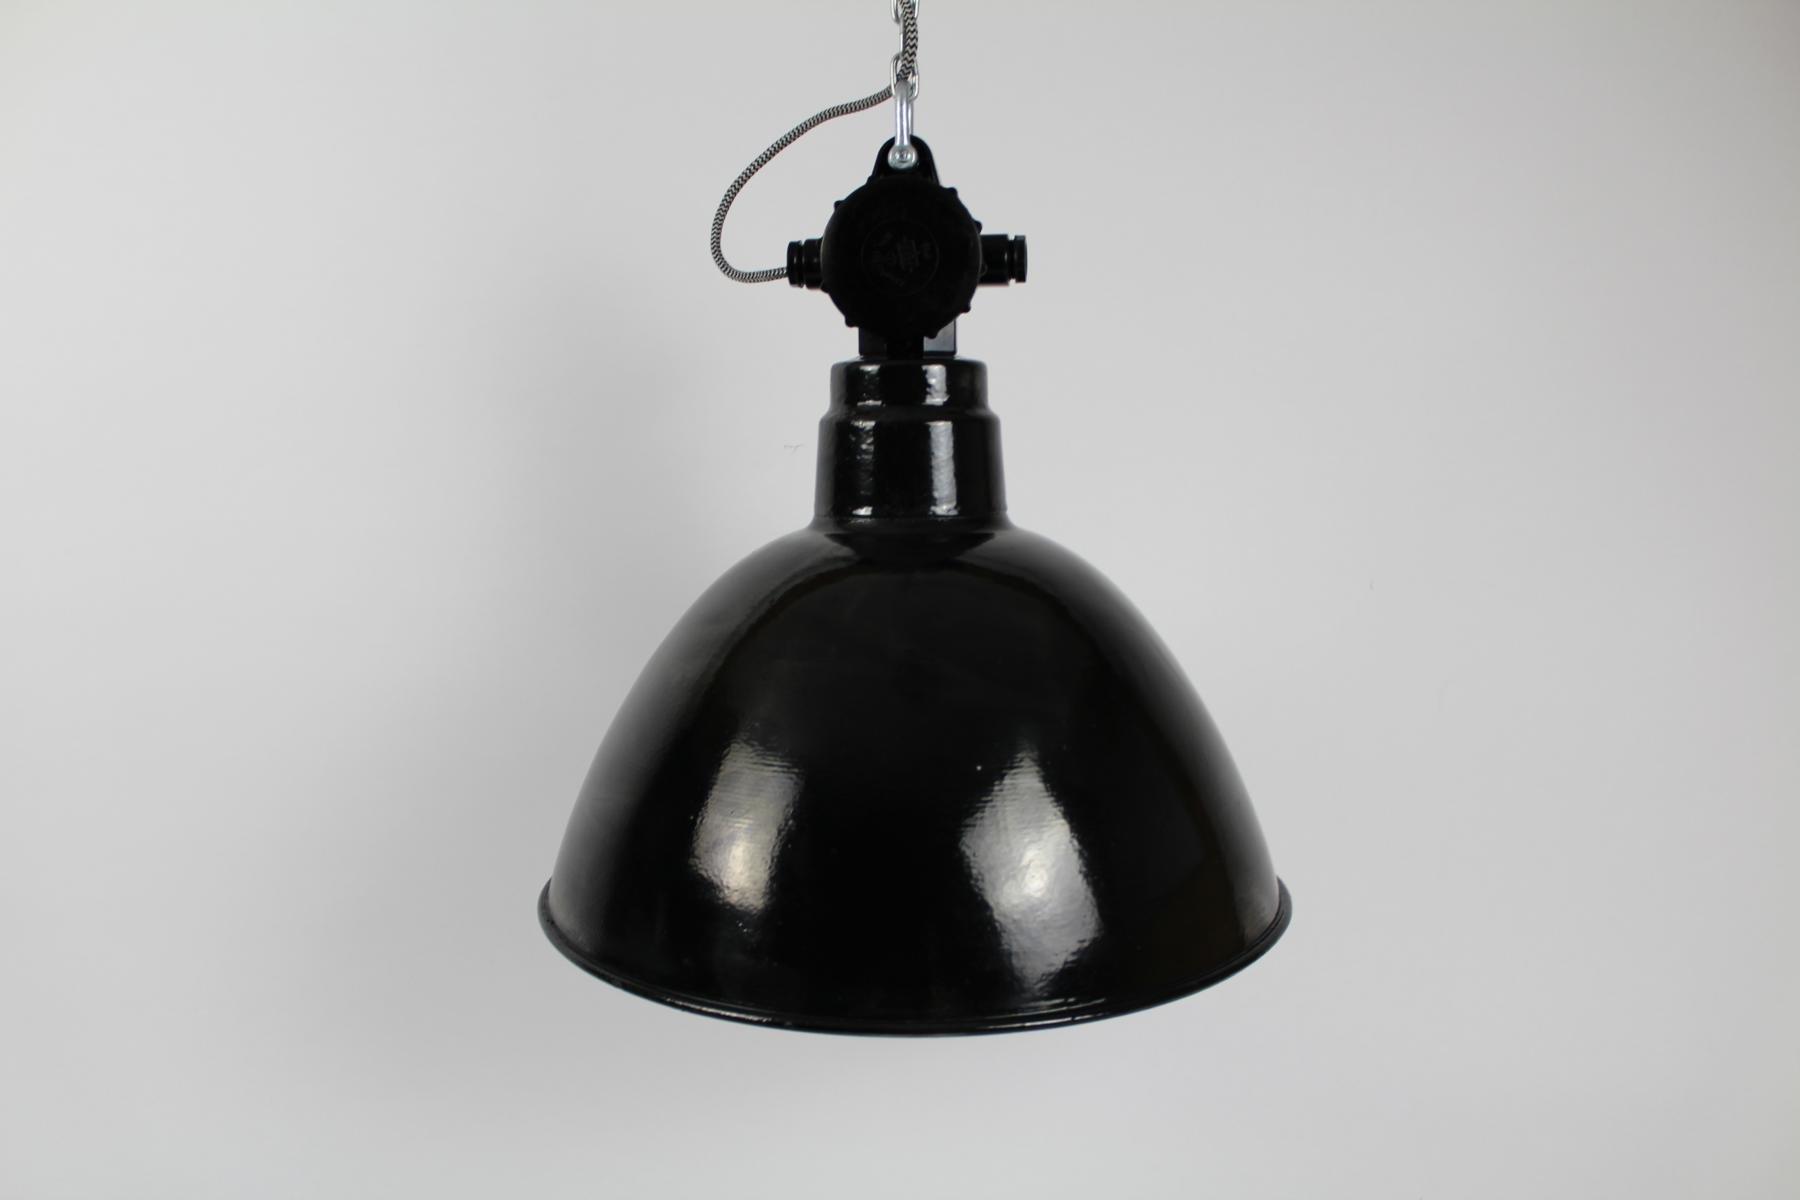 Industrielle Emaillierte Fabrik Bunkerlampe von VEB Leuchtenbau